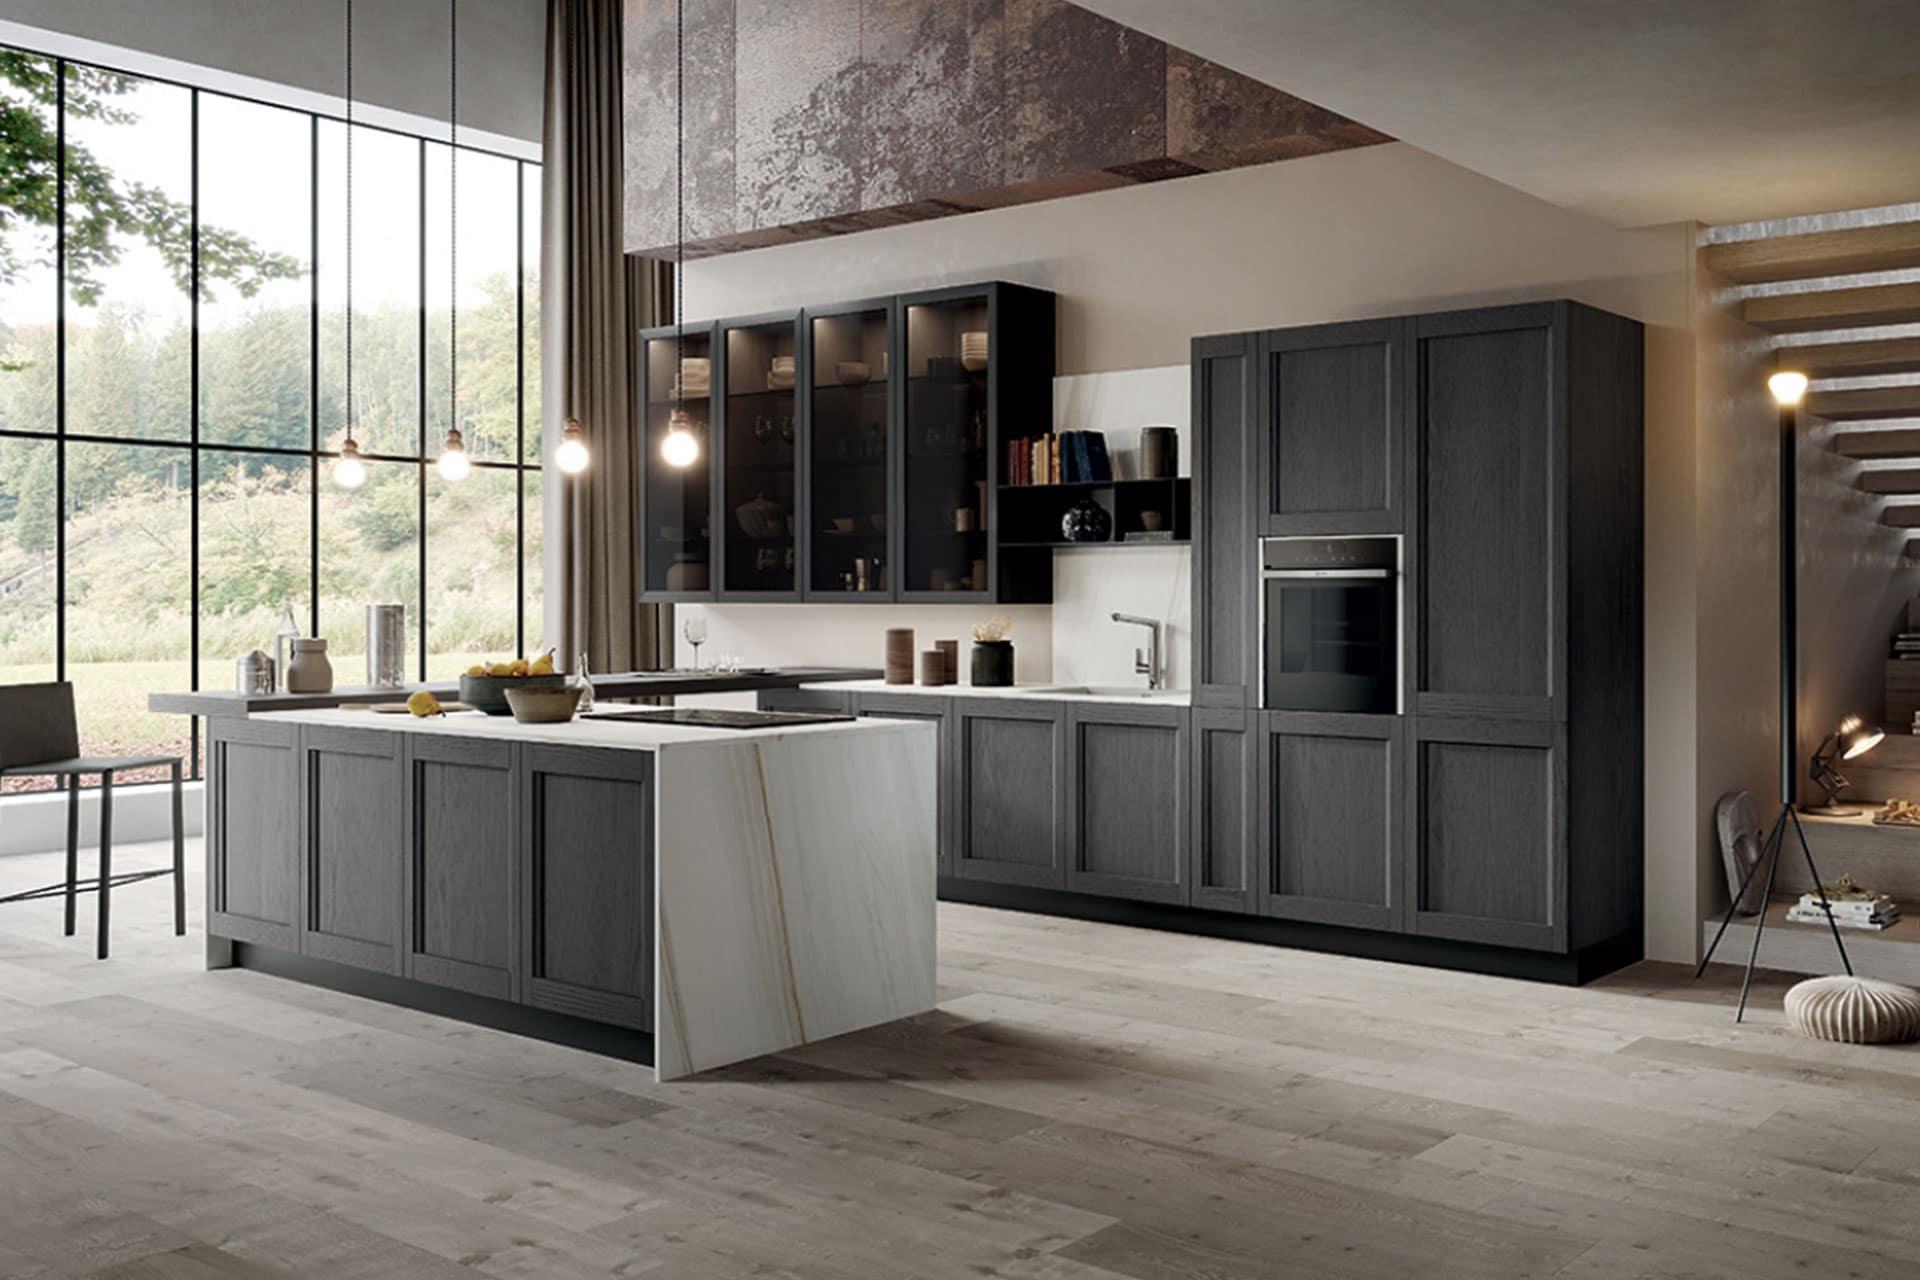 Cucine e mobili su misura mobilificio mb arreda a for Misura arreda mozzanica